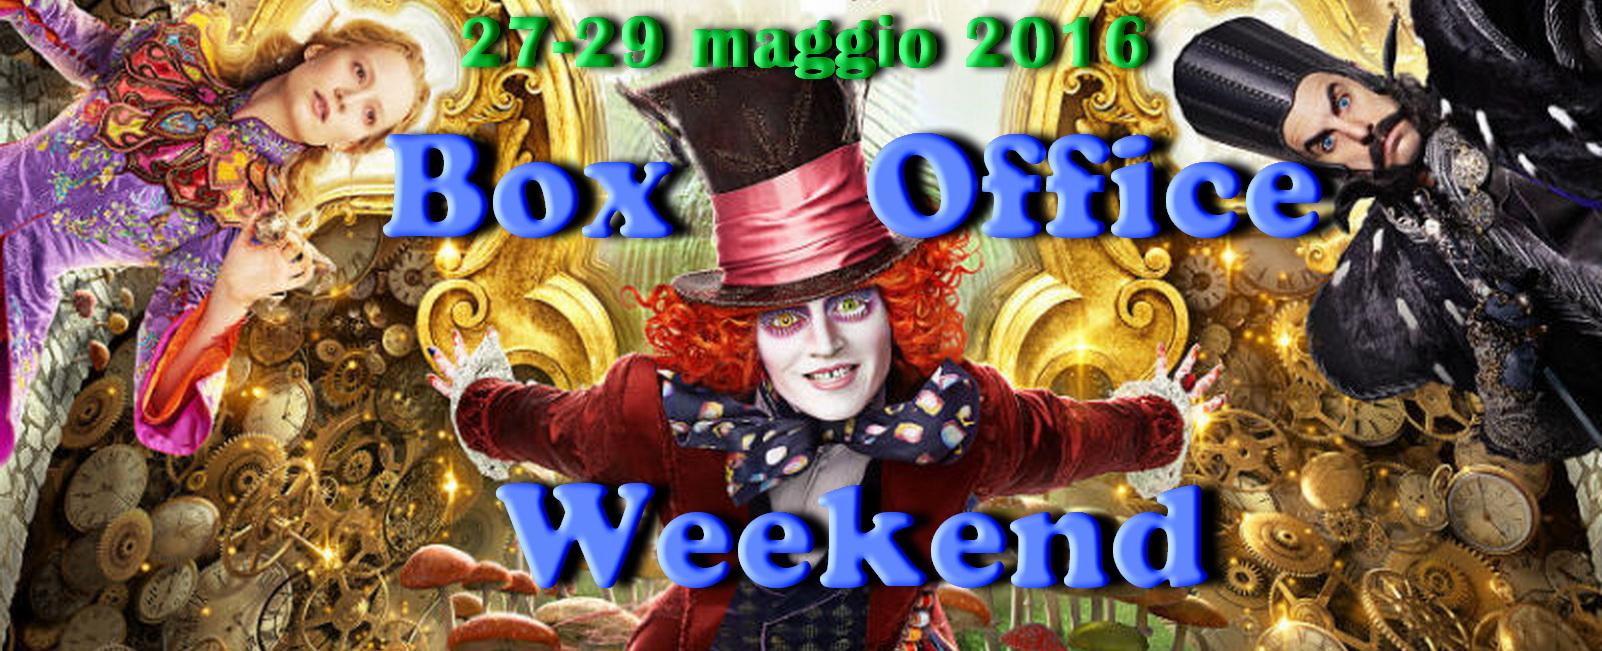 """Ultimoappuntamento di maggio con""""Box Office Weekend"""" e gli incassi del fine settimana cinematografico. Come previsto è """"Alice attraverso lo specchio"""" (leggi la recensione) a conquistare la vetta della classifica, grazie […]"""